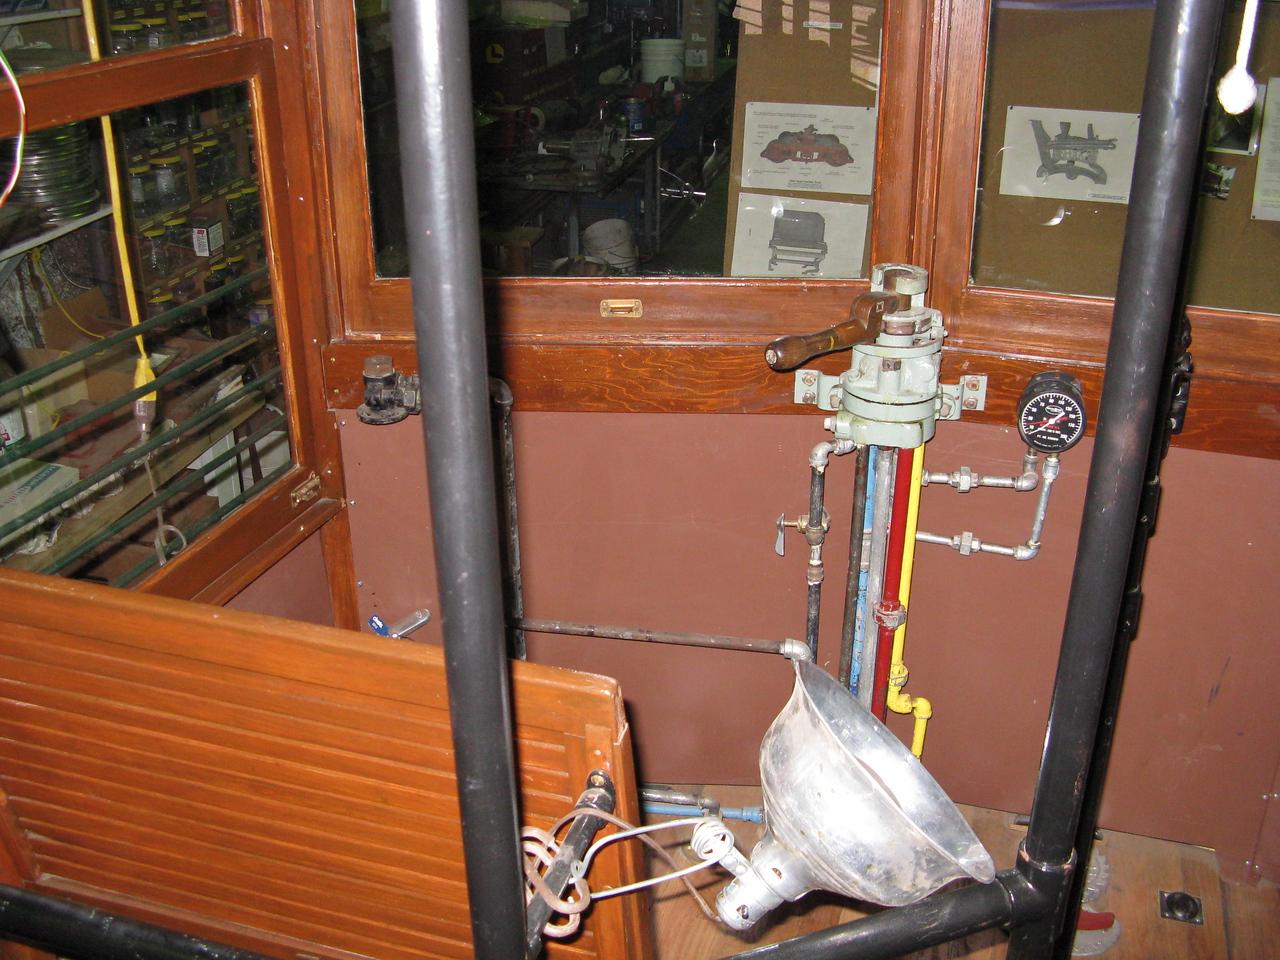 12-05-07 Trolley 003